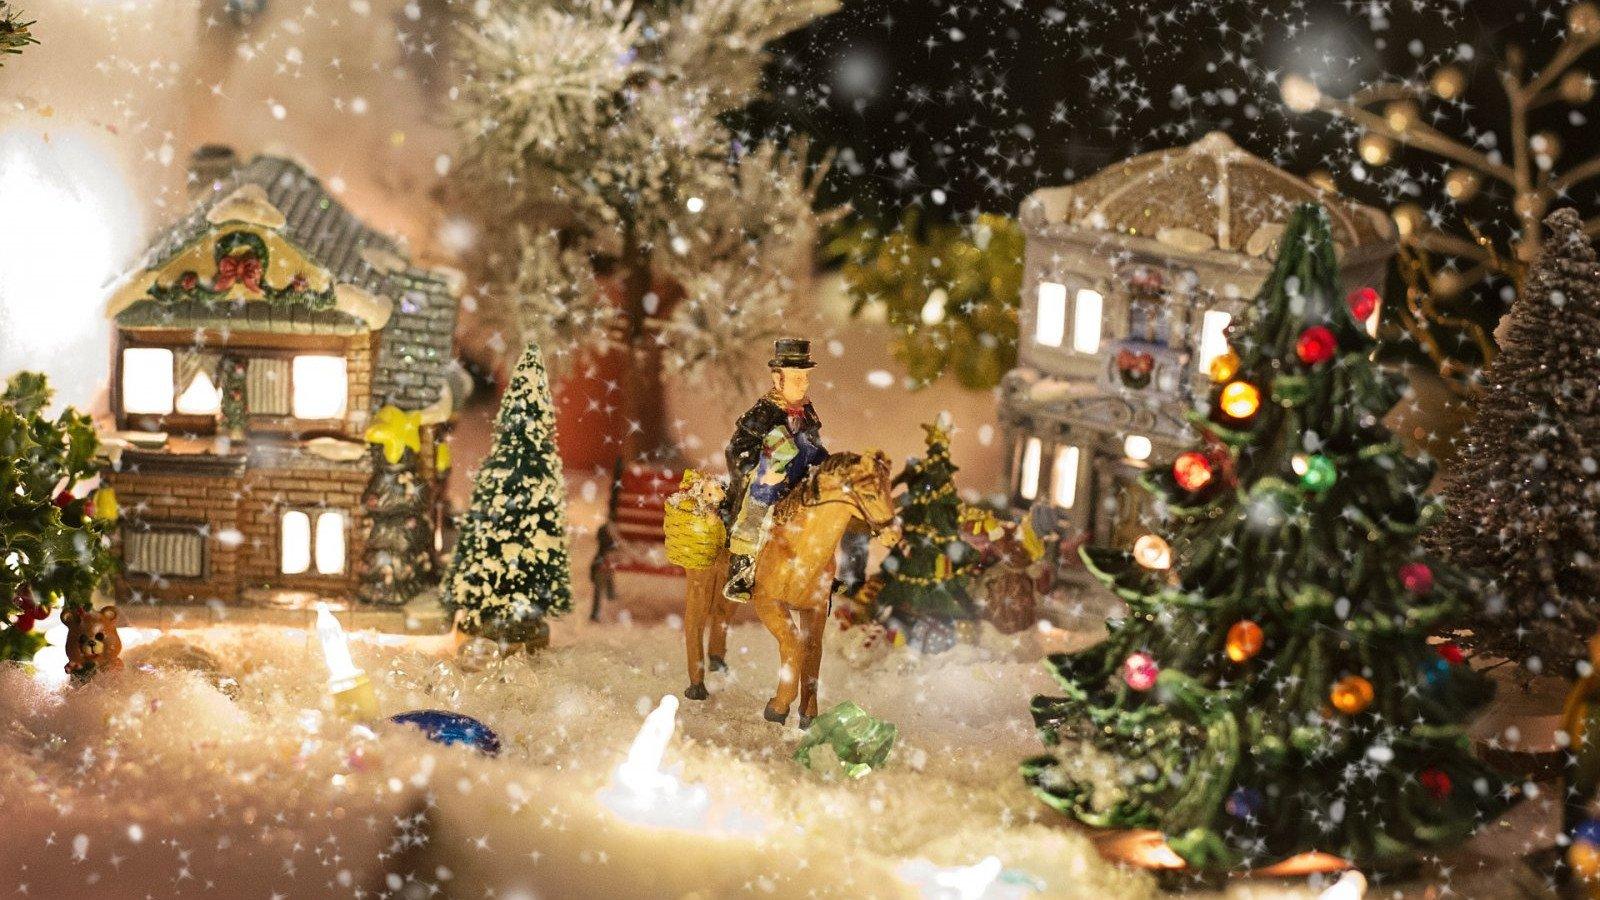 En estas ciudades la Navidad se vuelve todavía más mágica.